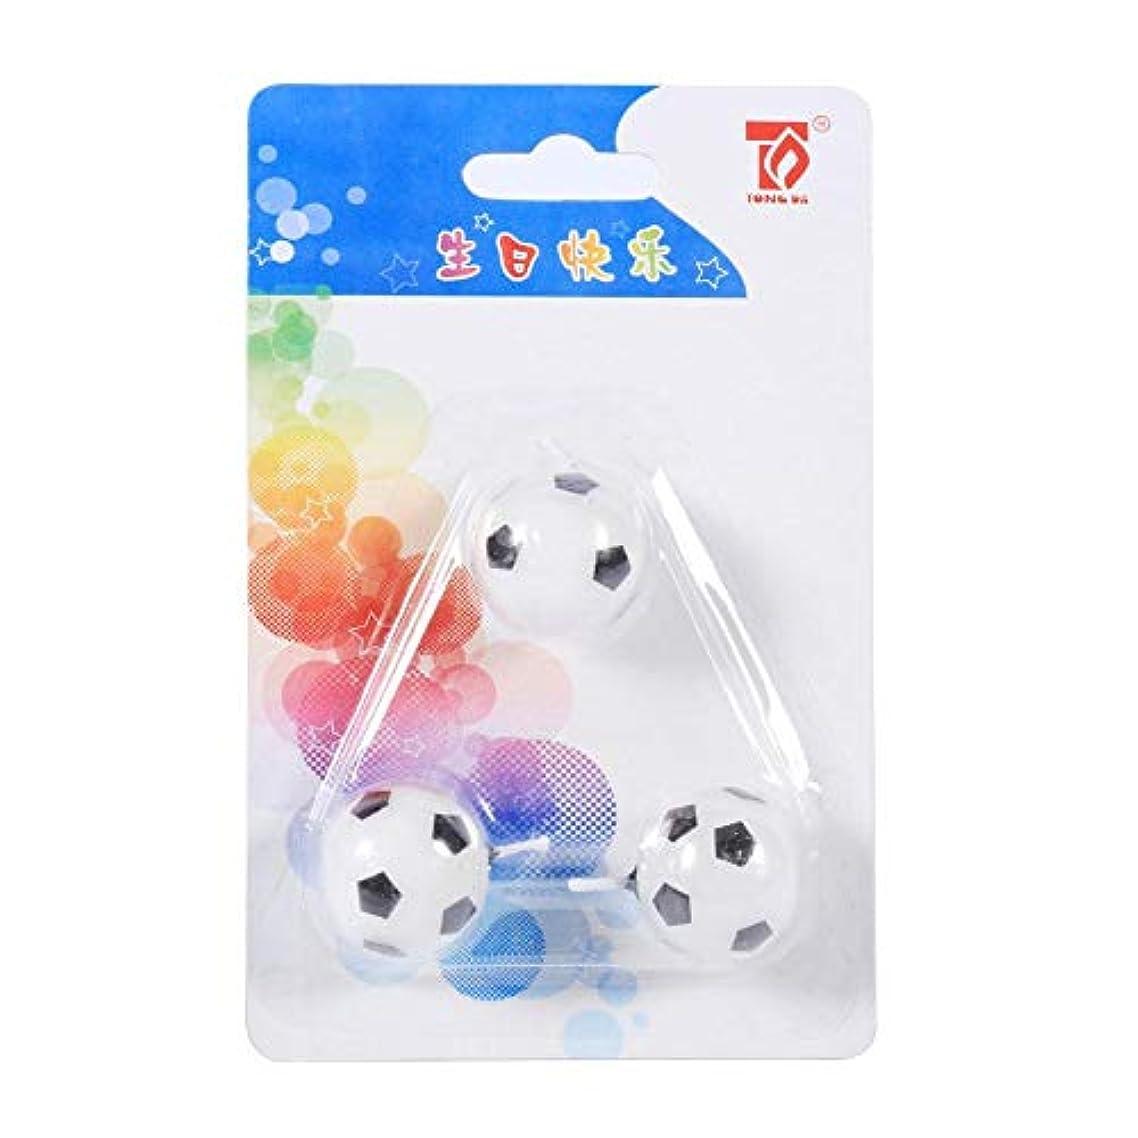 再開未就学反対するEboxer キャンドル サッカーボールキャンドル キャンドル誕生日 子供向 3個入 サッカーボールの形 誕生日 パーティケーキのキャンドル 飾り物 可愛い